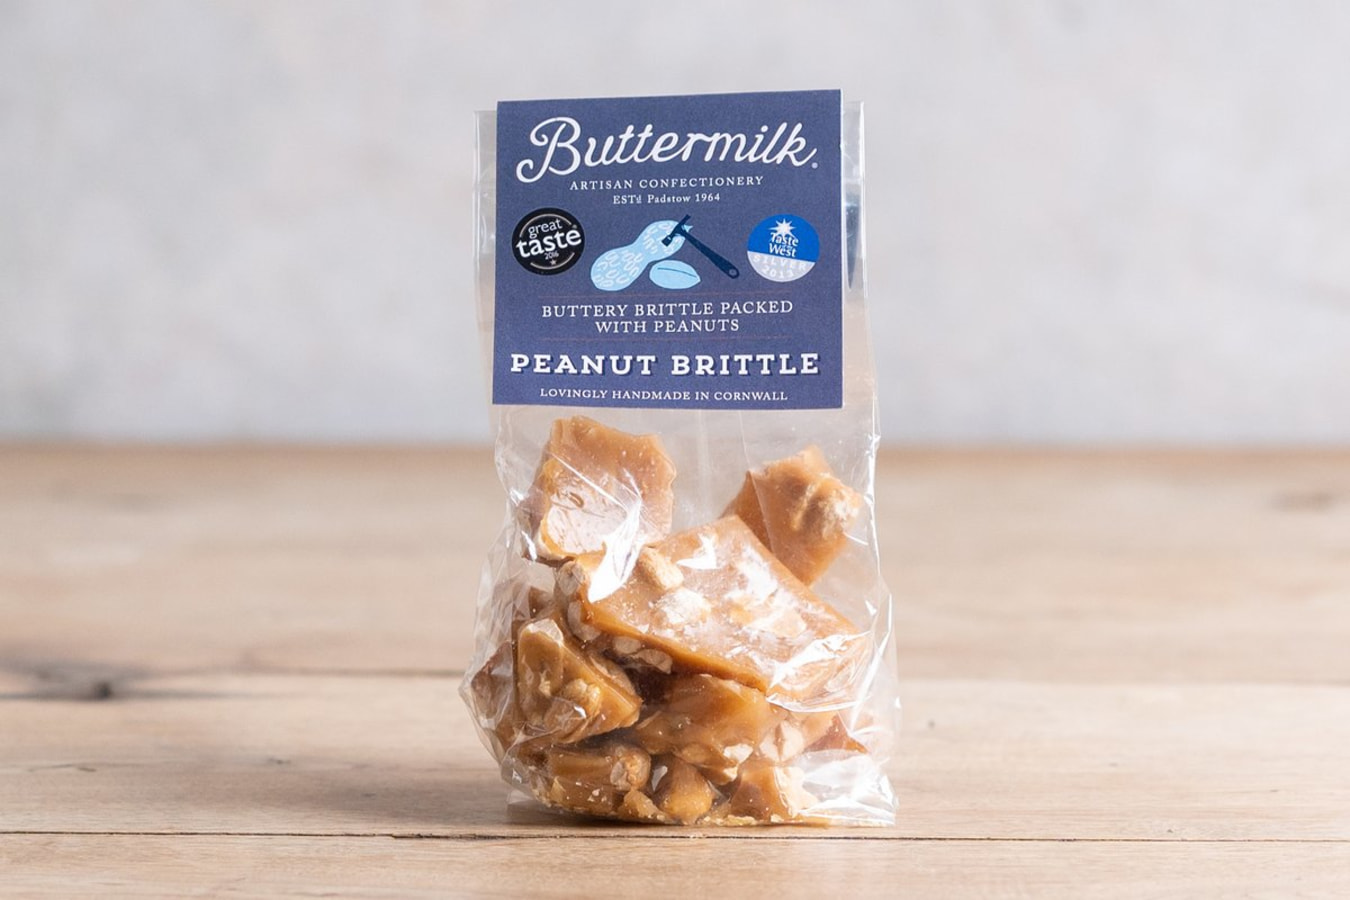 Buttermilk Peanut Brittle